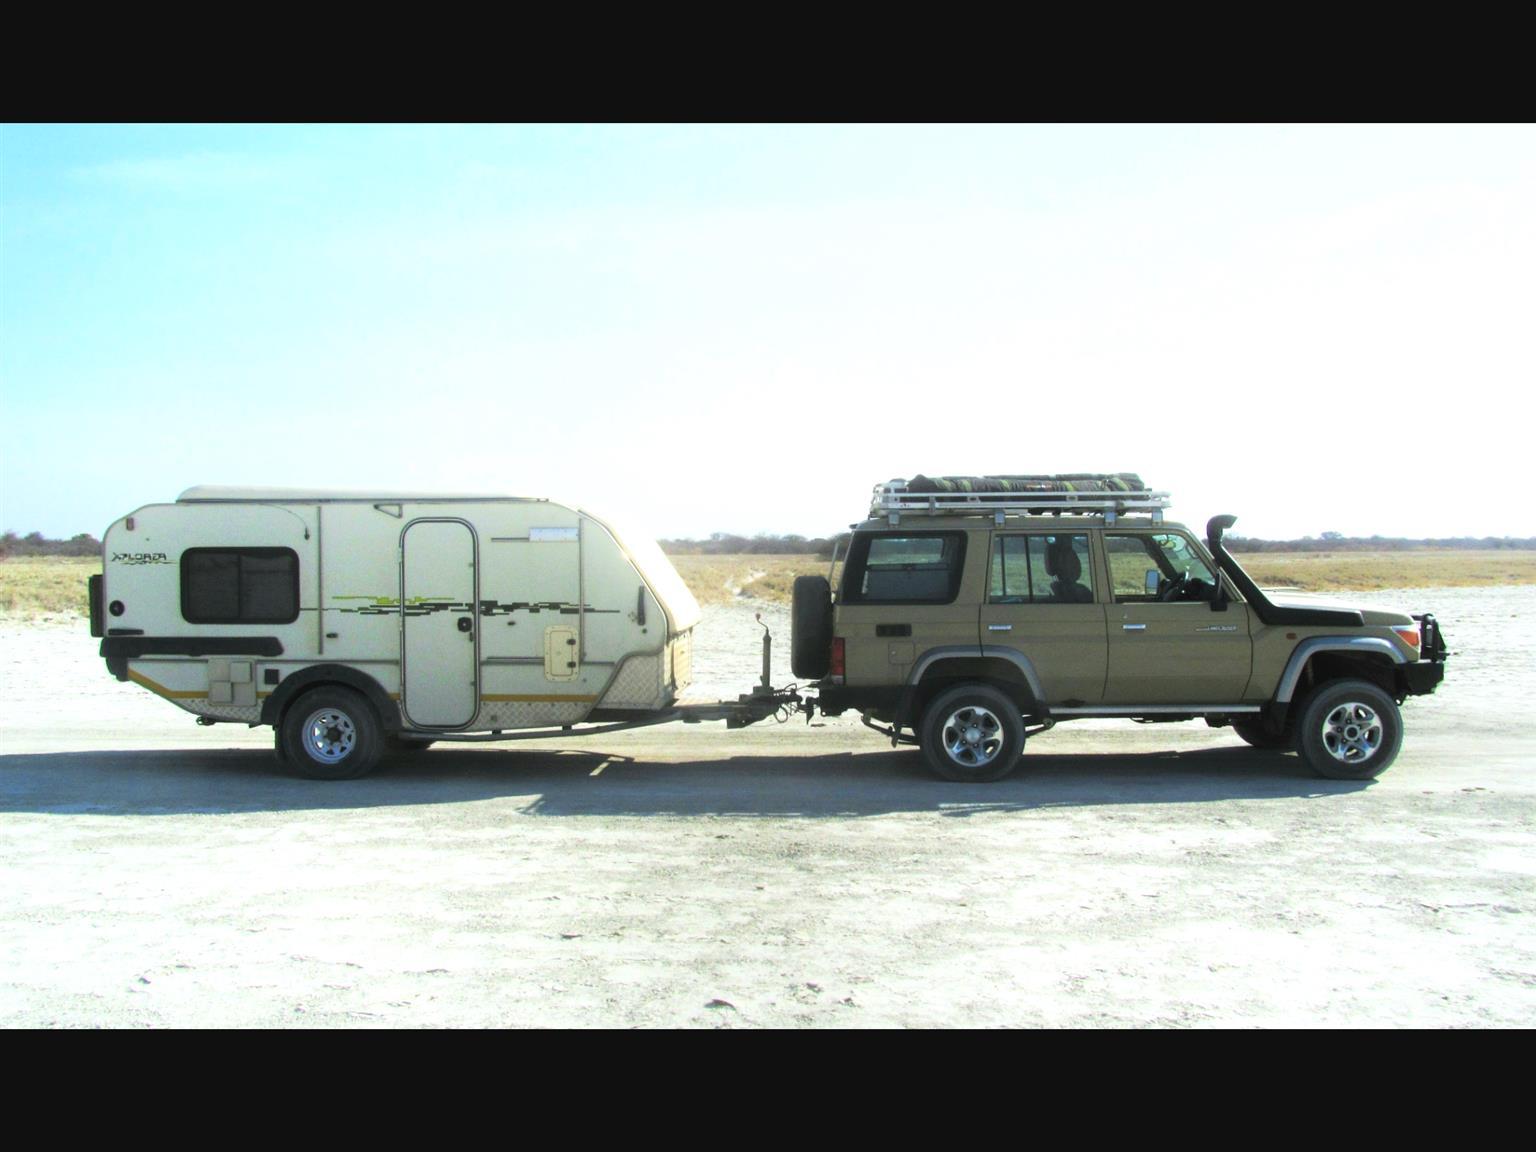 JURGENS XPLORER OFF ROAD CARAVAN -  SIGNIFICANT IMPROVEMENTS & MODIFICATIONS